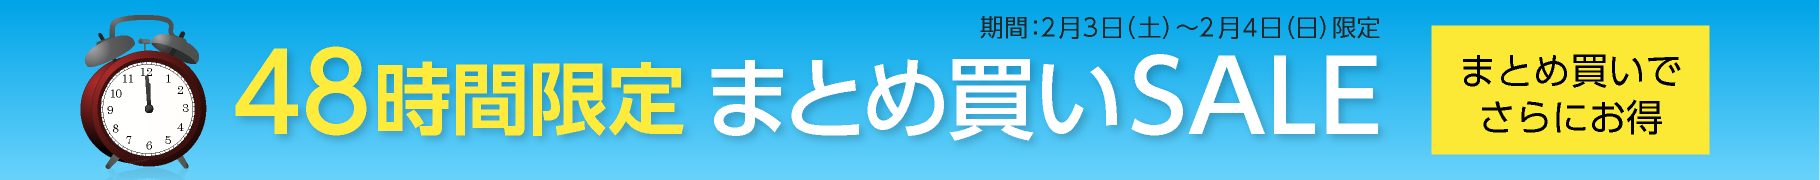 ソースネクストでまとめ買いセール。2本で200円、1本増えるごとに200円引き。~2/4。